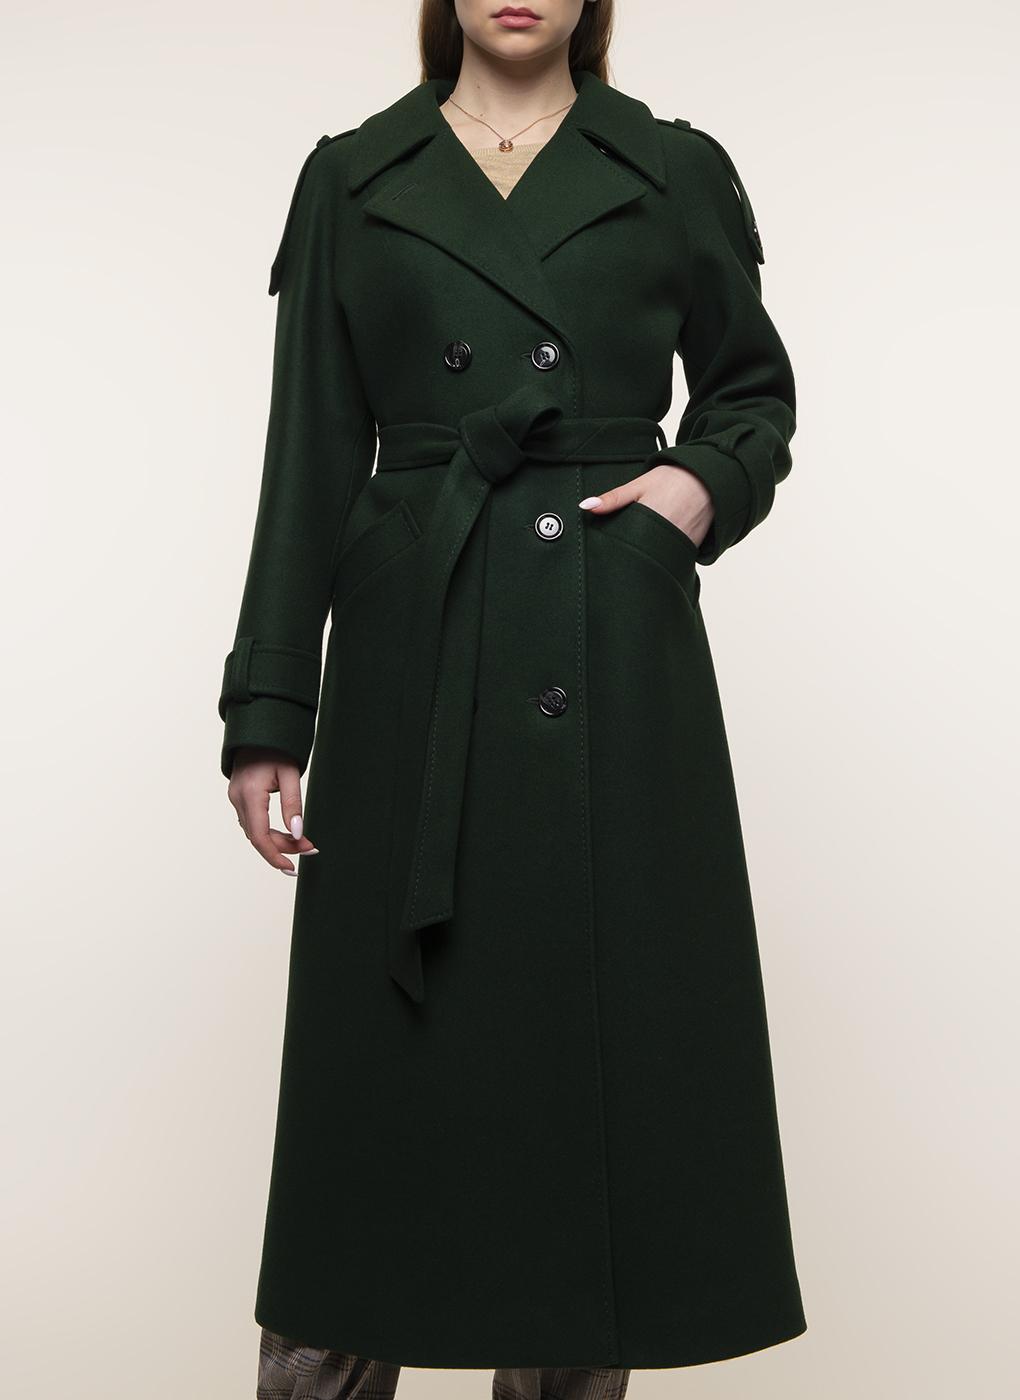 Пальто прямое полушерстяное 25, Заря Моды фото